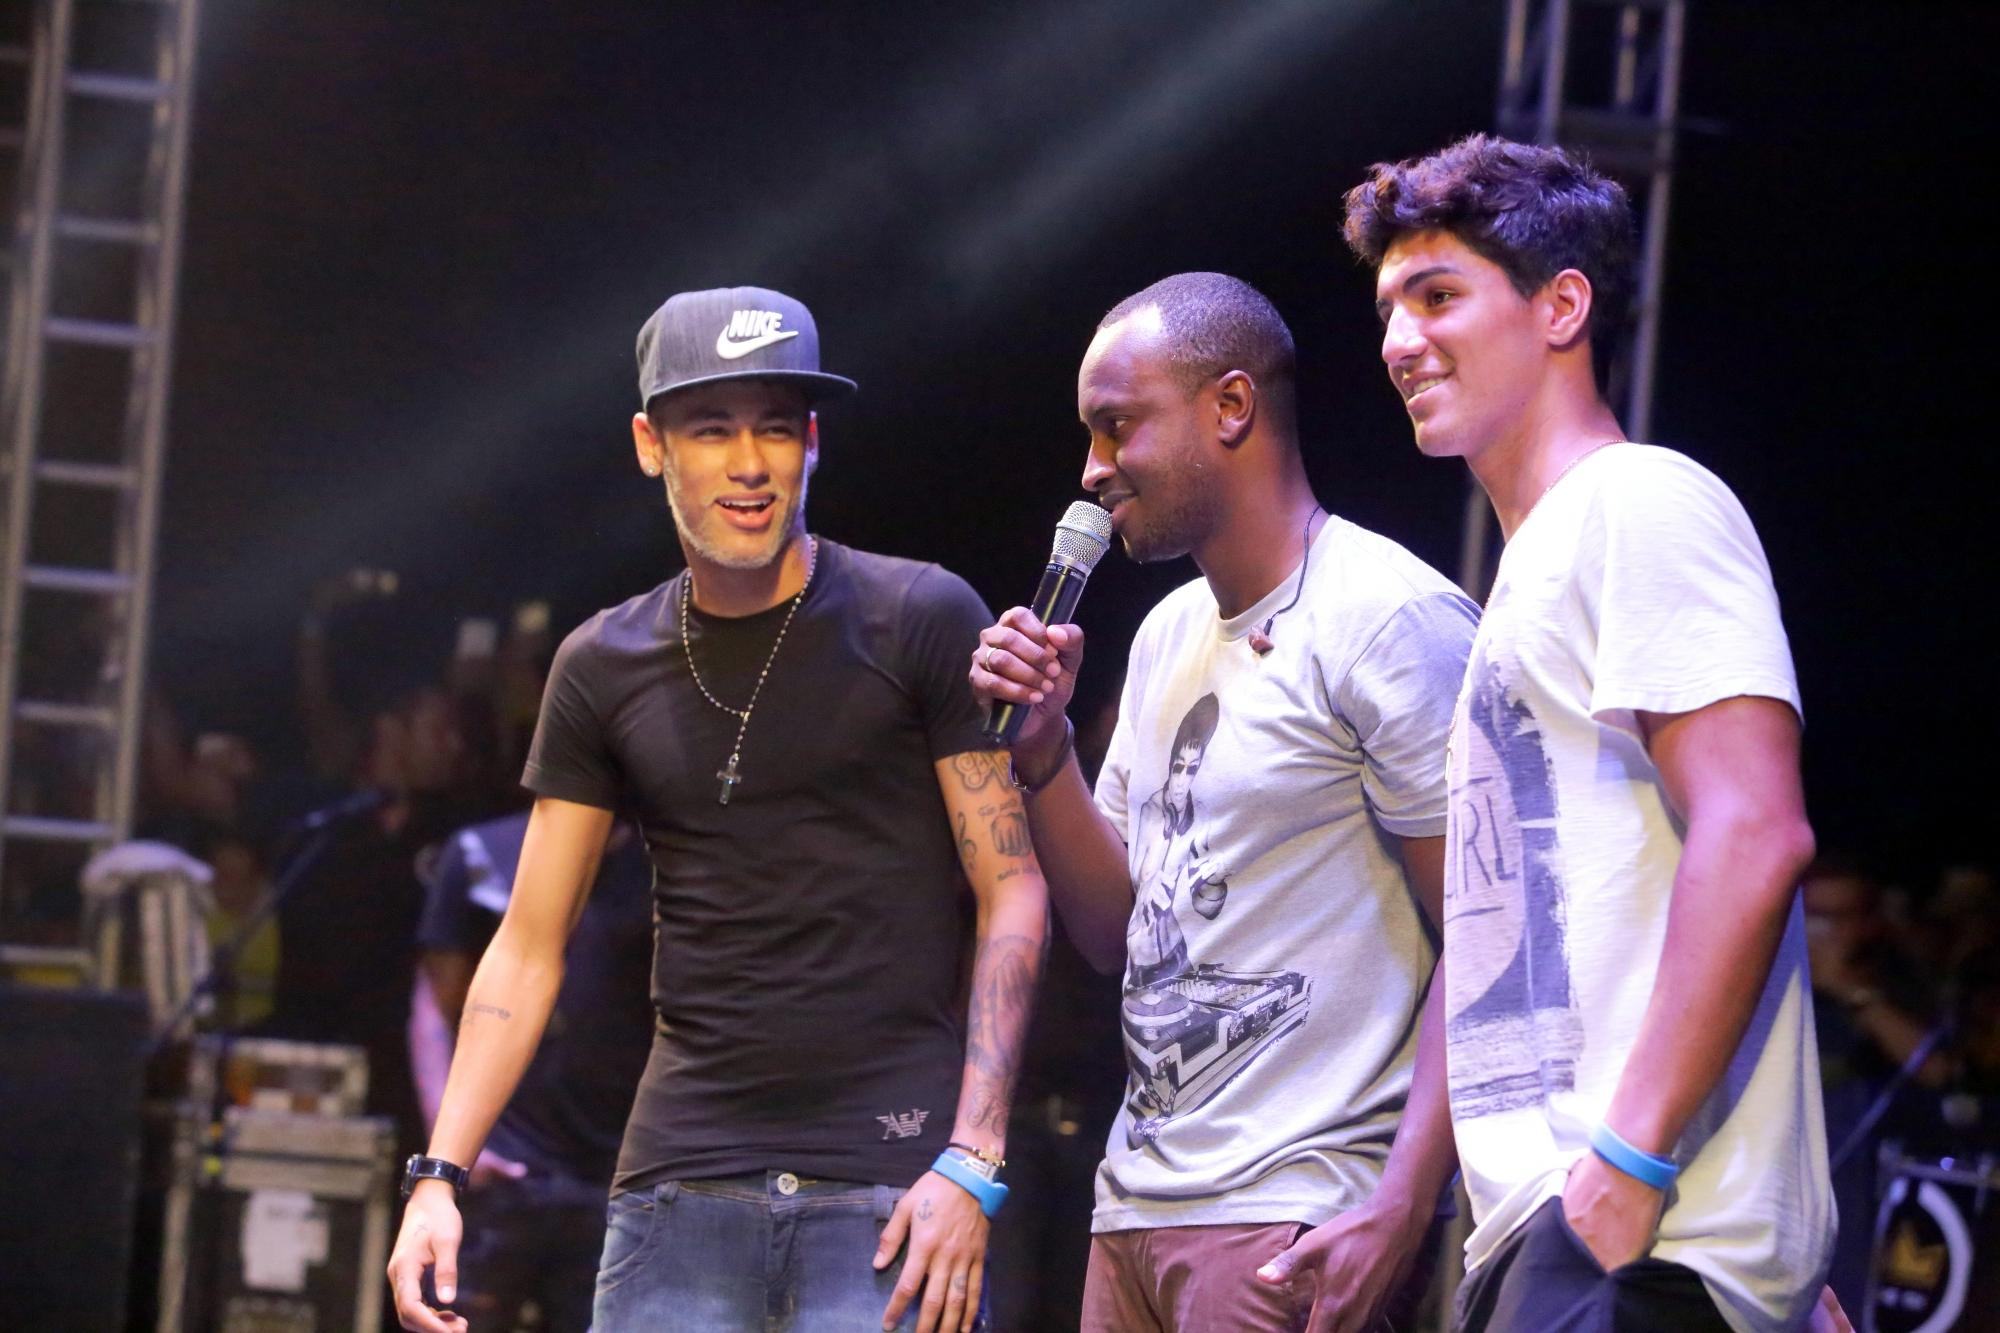 Neymar, Thiaguinho e Gabriel Medina estão em Florianópolis curtindo dias de sol, som e calor